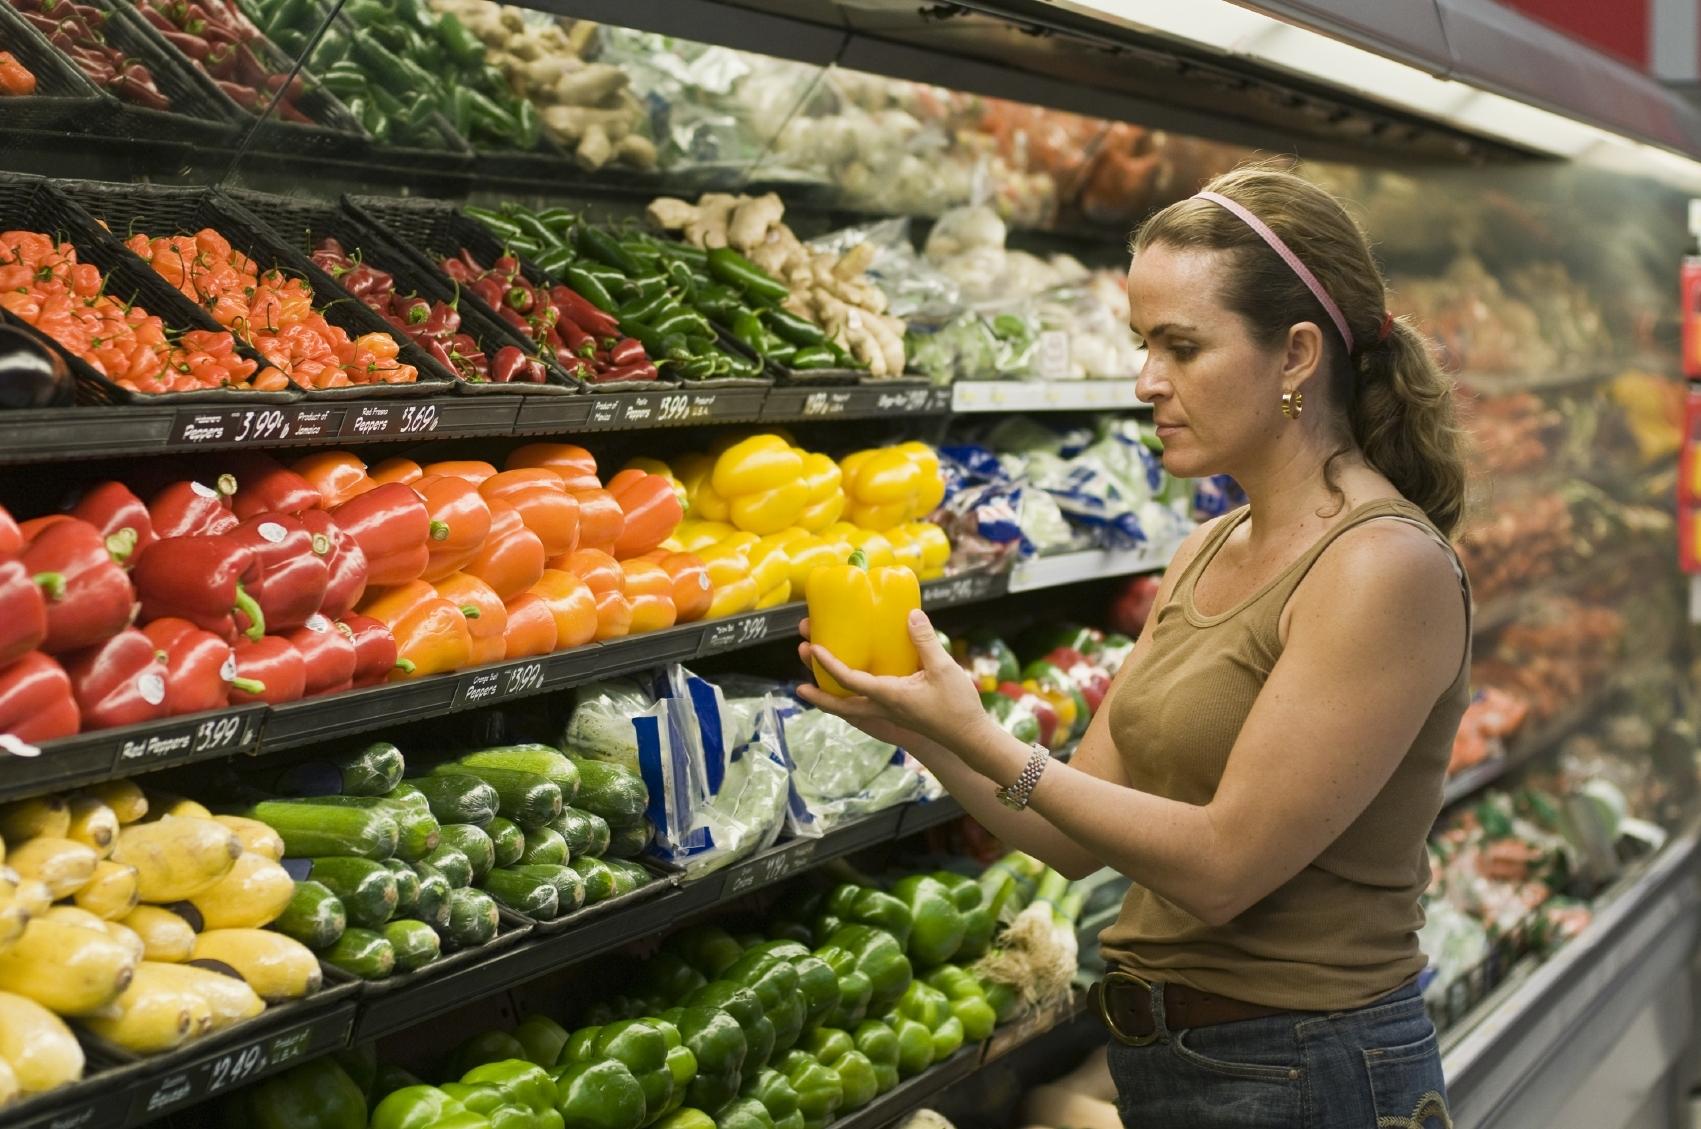 Productores argentinos en crisis son los que más sufren brecha de precios